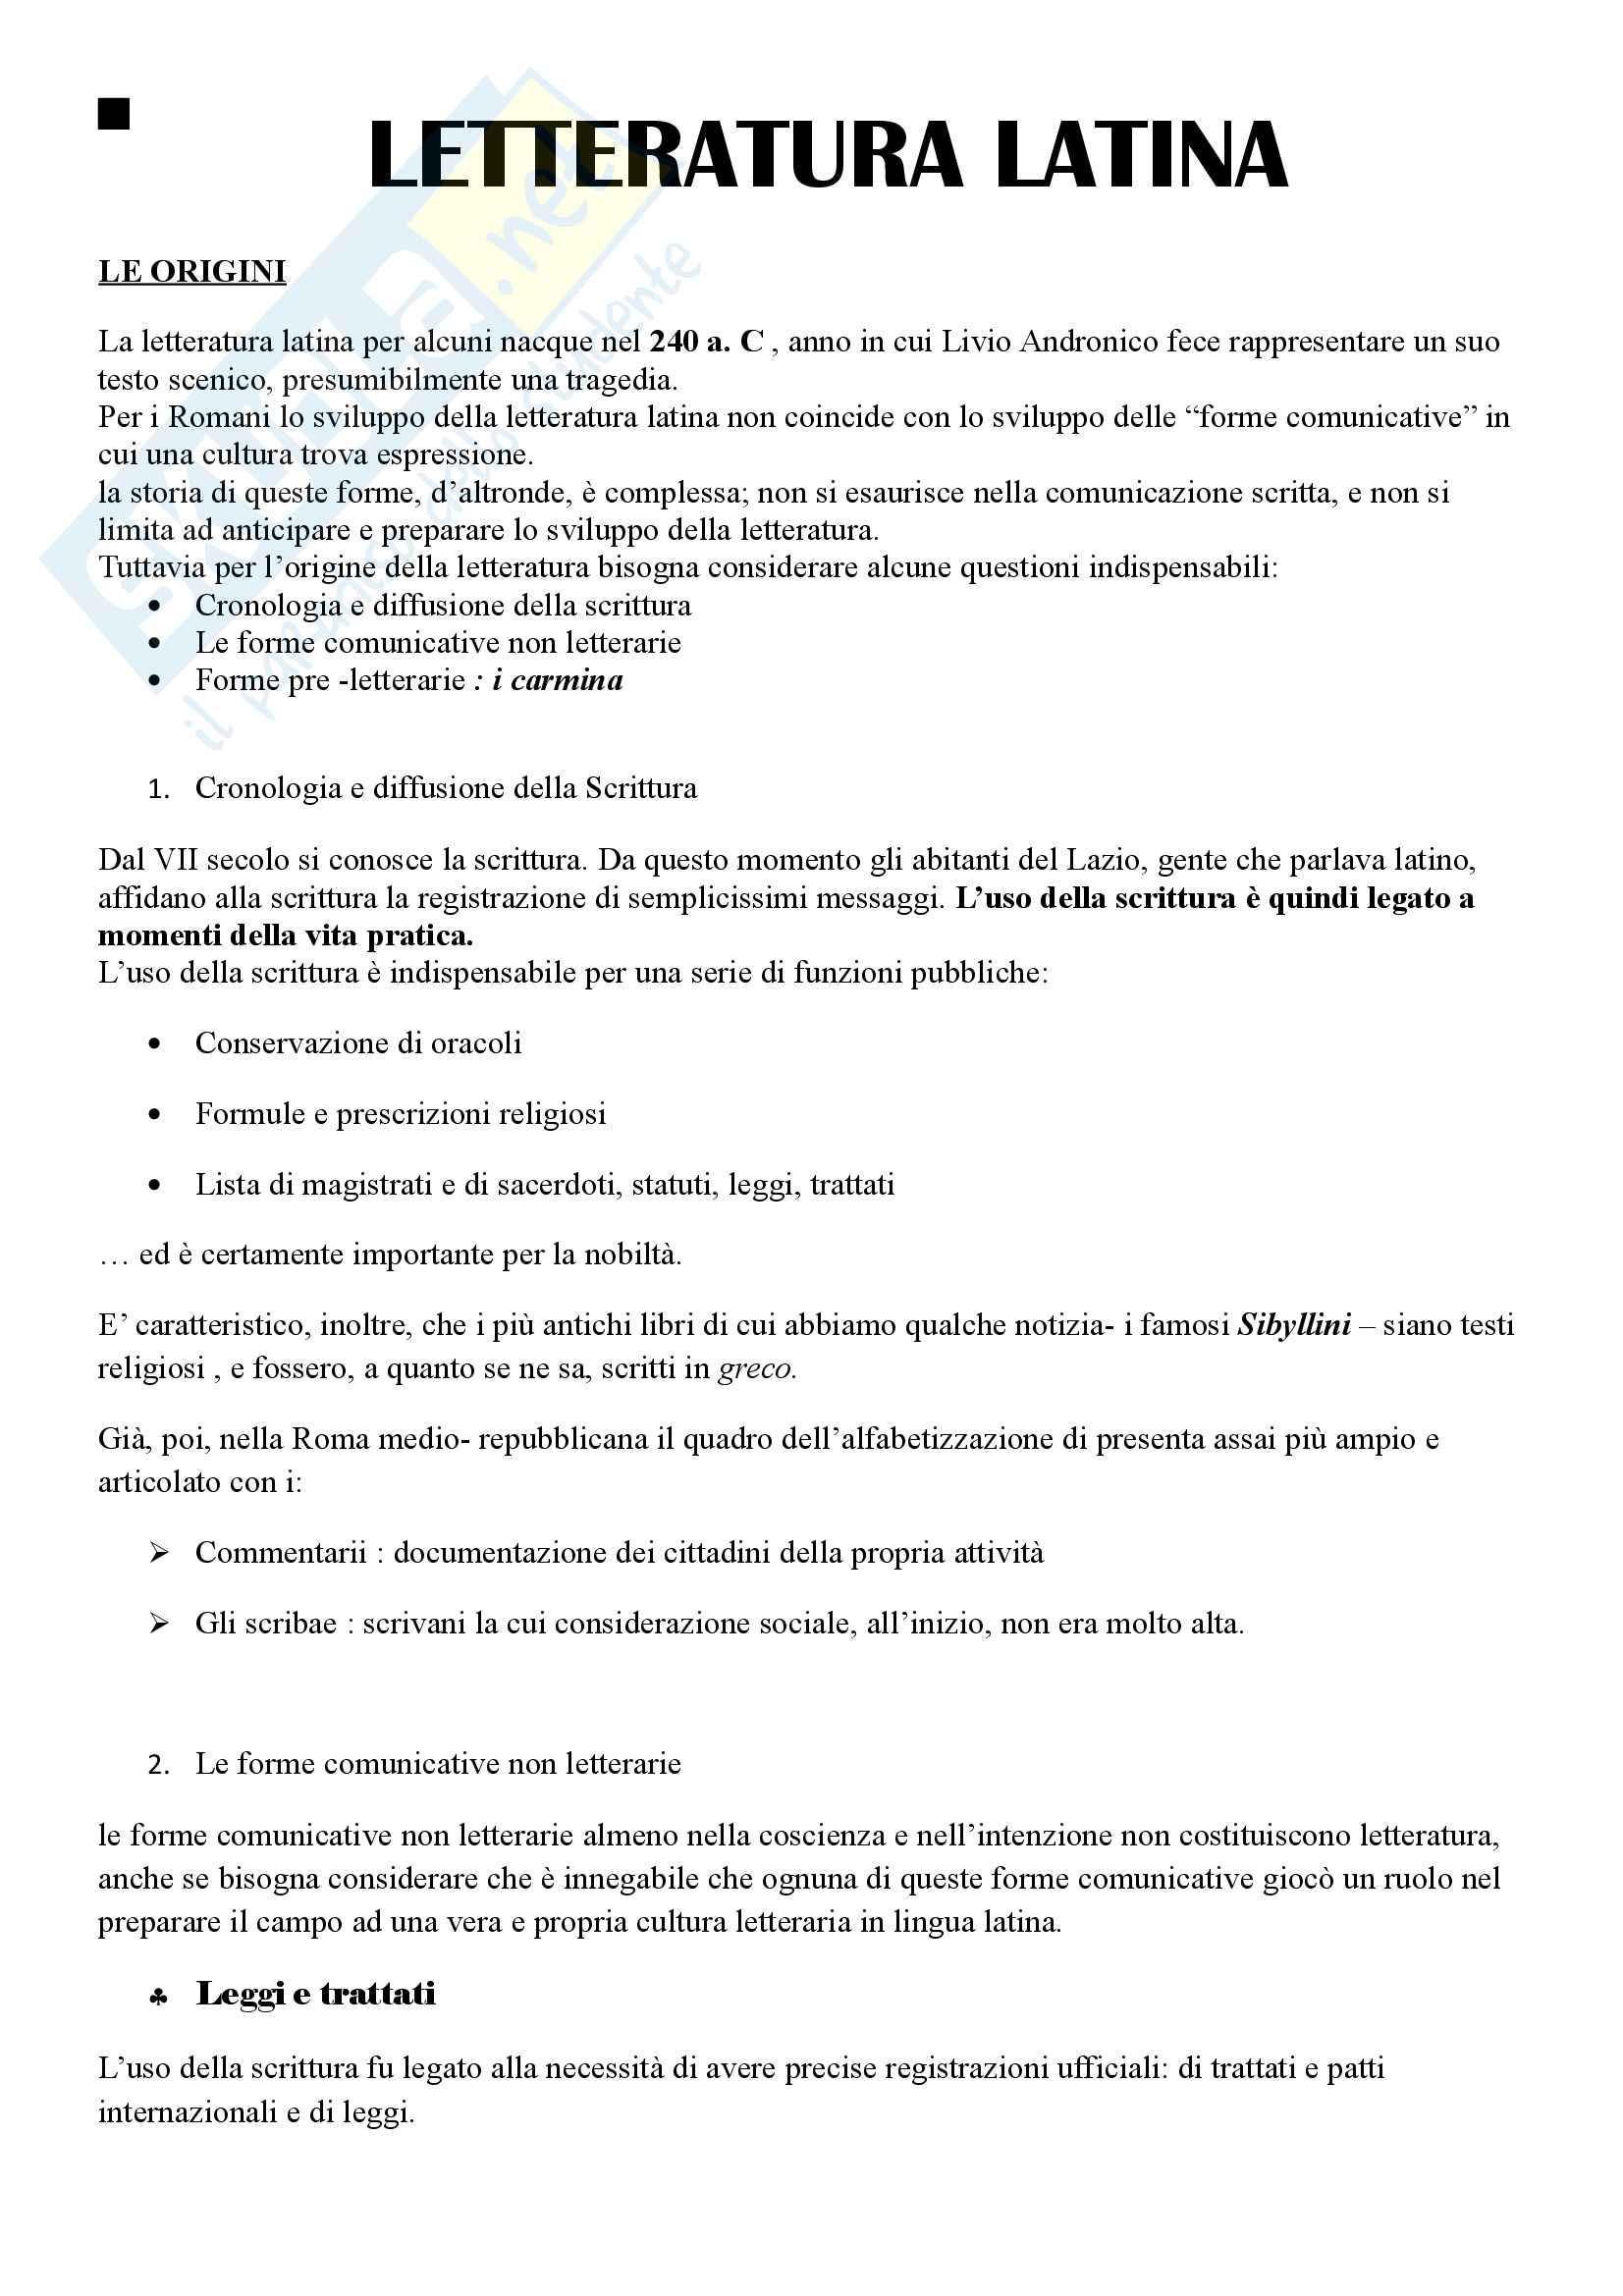 Letteratura latina Dalle origini all'età augustea